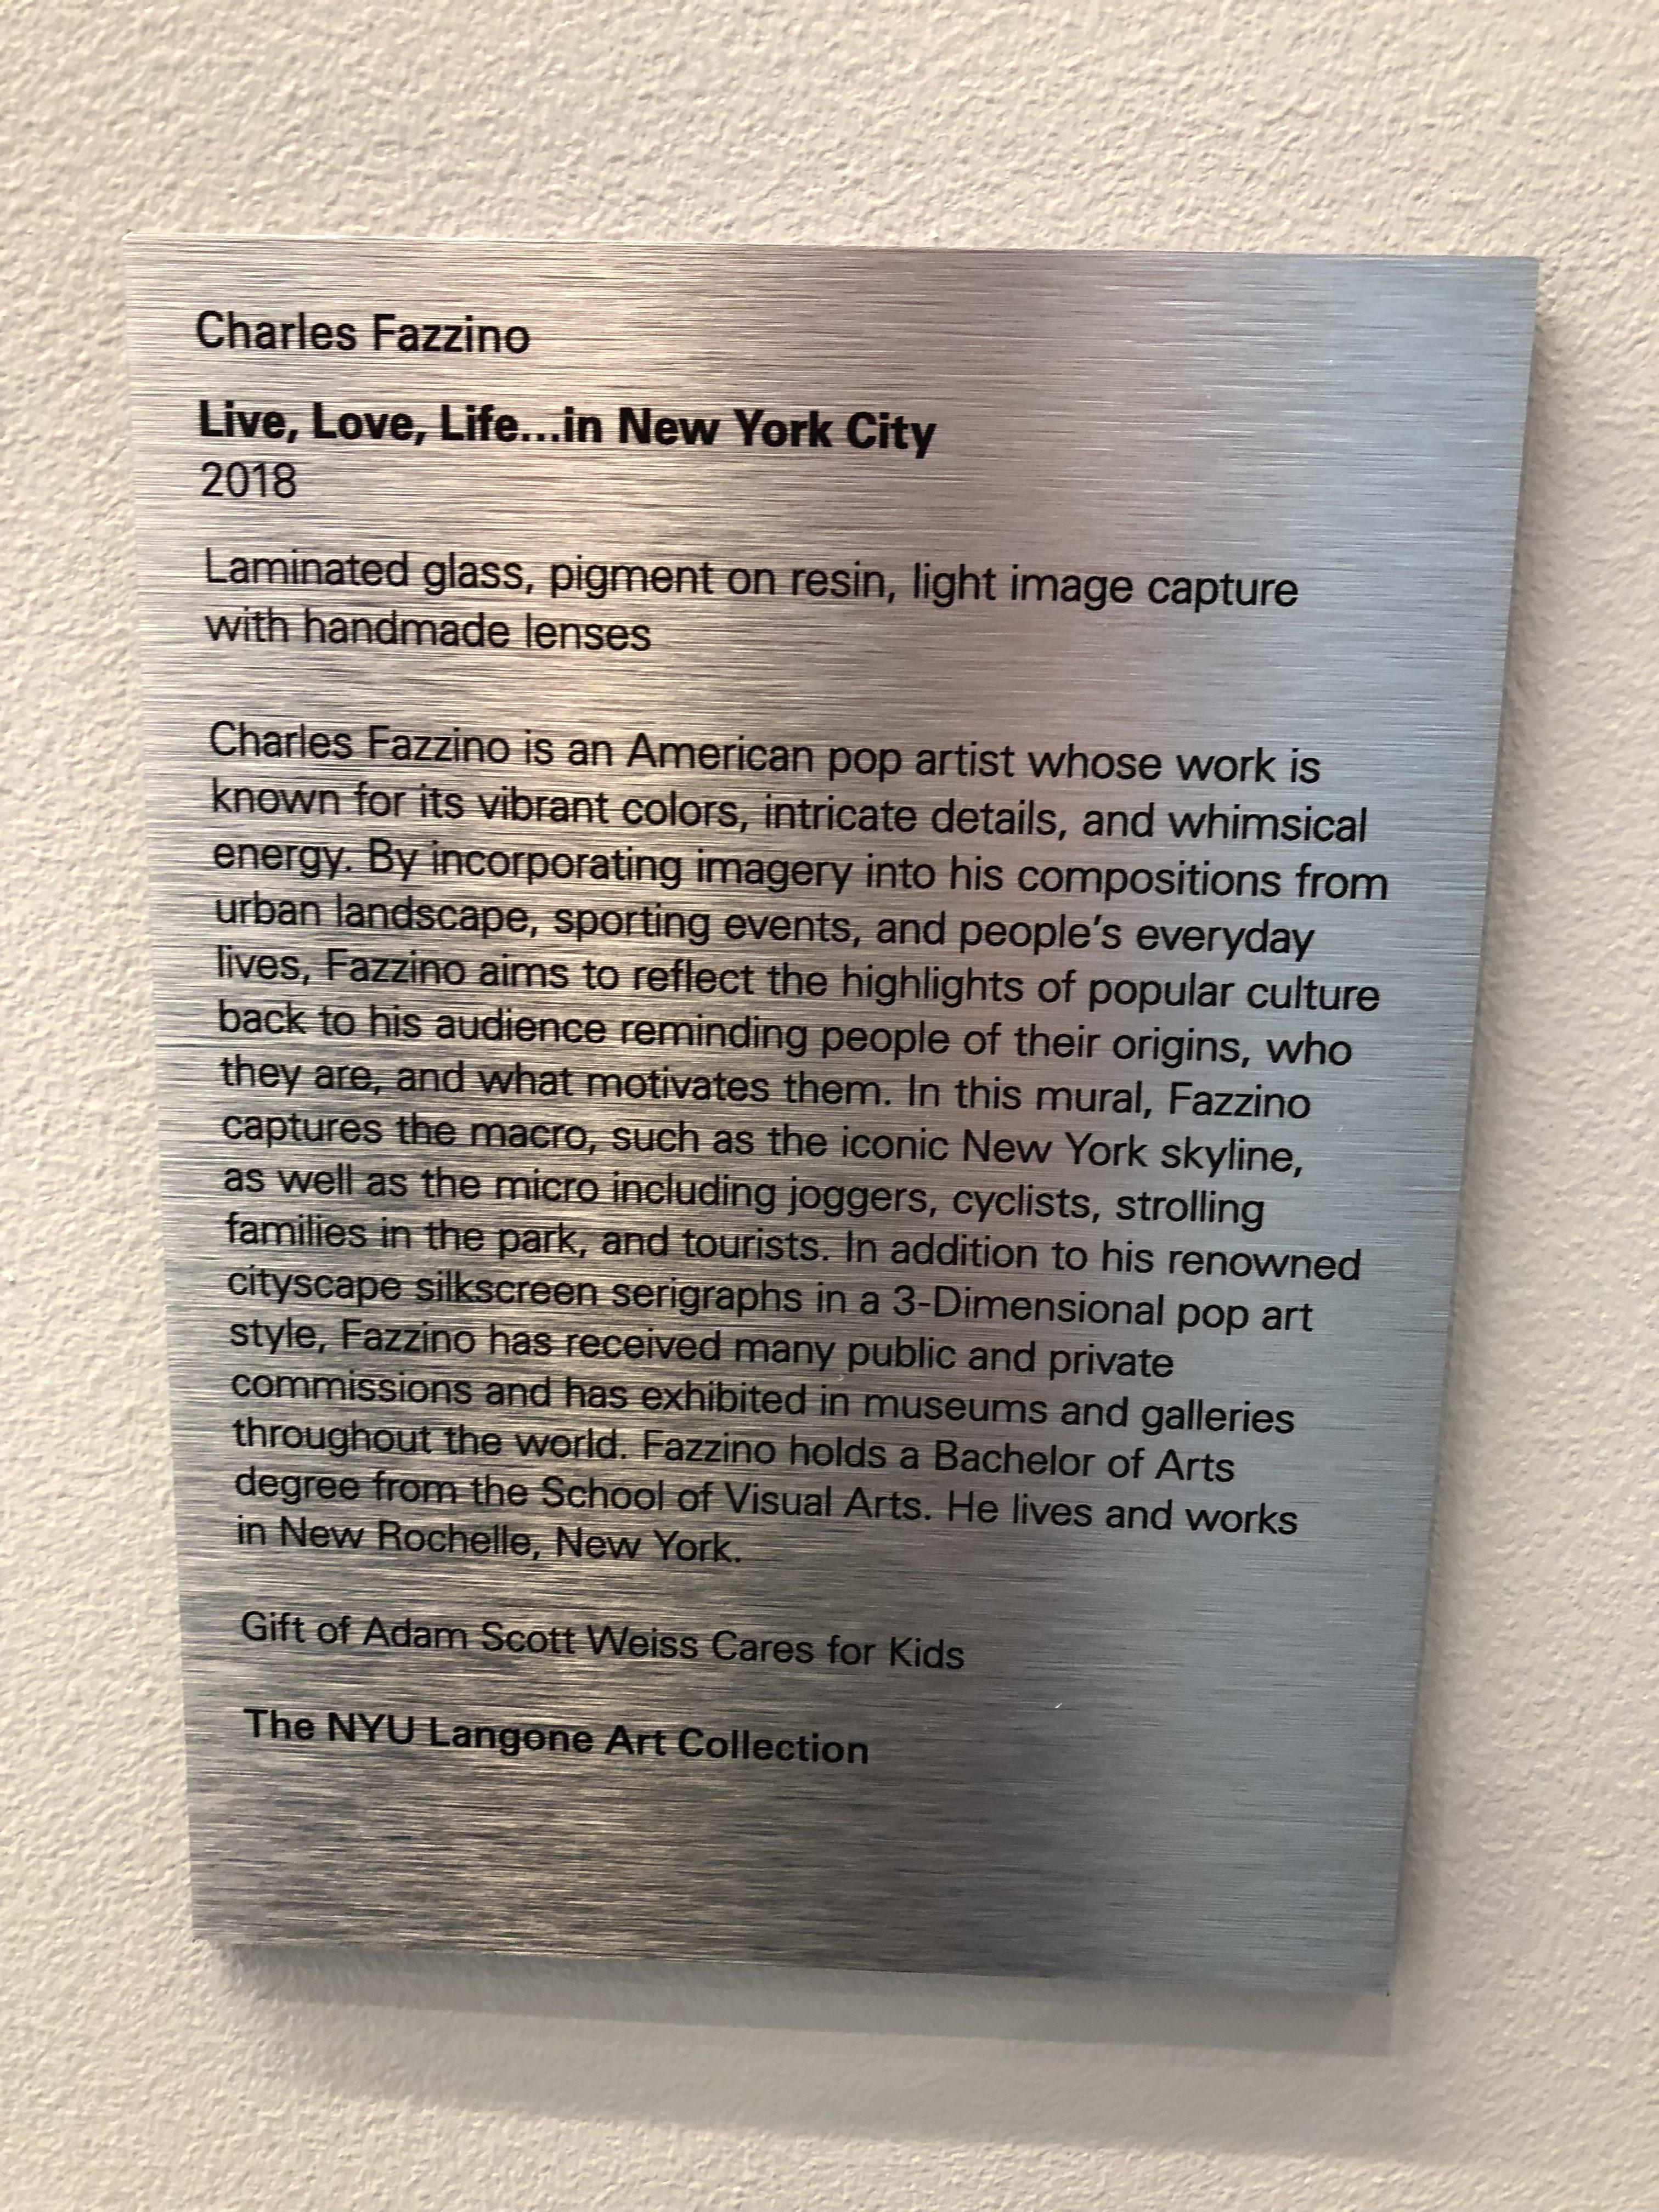 Charles Fazzino mural at NYU Langone Health